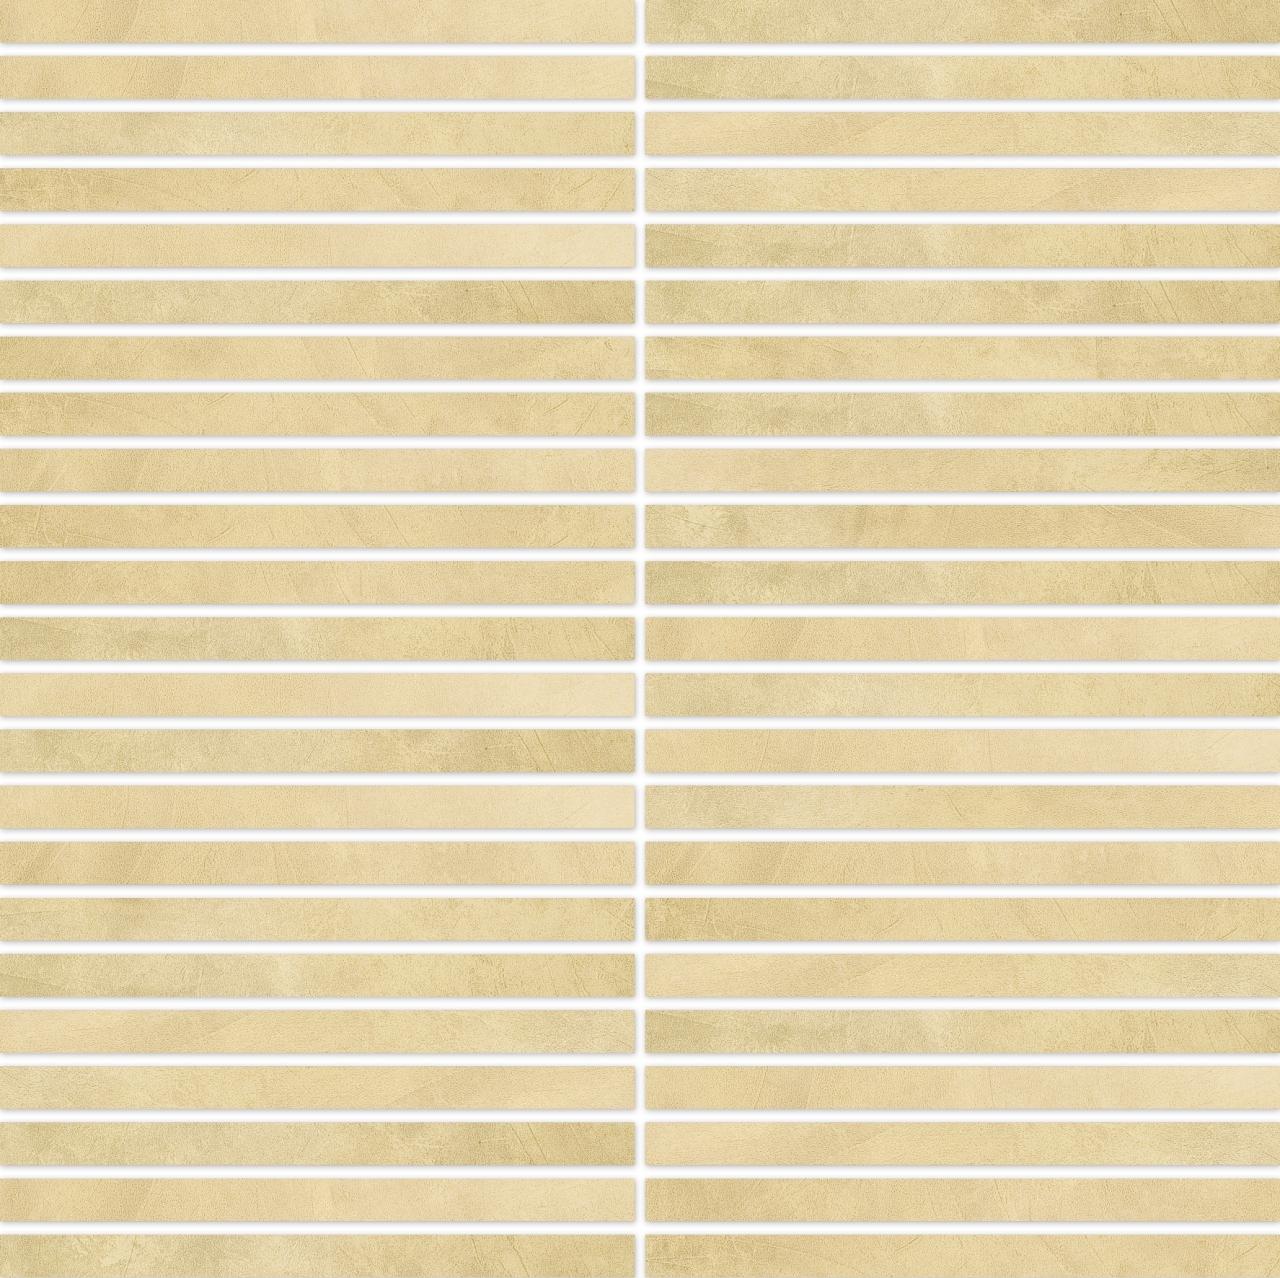 Velvet Ground - La collezione è caratterizzata da un particolare effetto di morbidezza che contribuisce a definire una continuità di superficie, dove emerge l'alternanza tra i riflessi matt e quelli lucidi. La finitura, che richiama moderne resine spatolate, risulta così declinata in una proposta ceramica che reinventa gli spazi metropolitani. I molti formati, la ricca palette cromatica e i decori completano una gamma versatile, adatta sia per gli interni residenziali più ricercati che per soluzioni commerciali di notevole appeal e grande attualità.